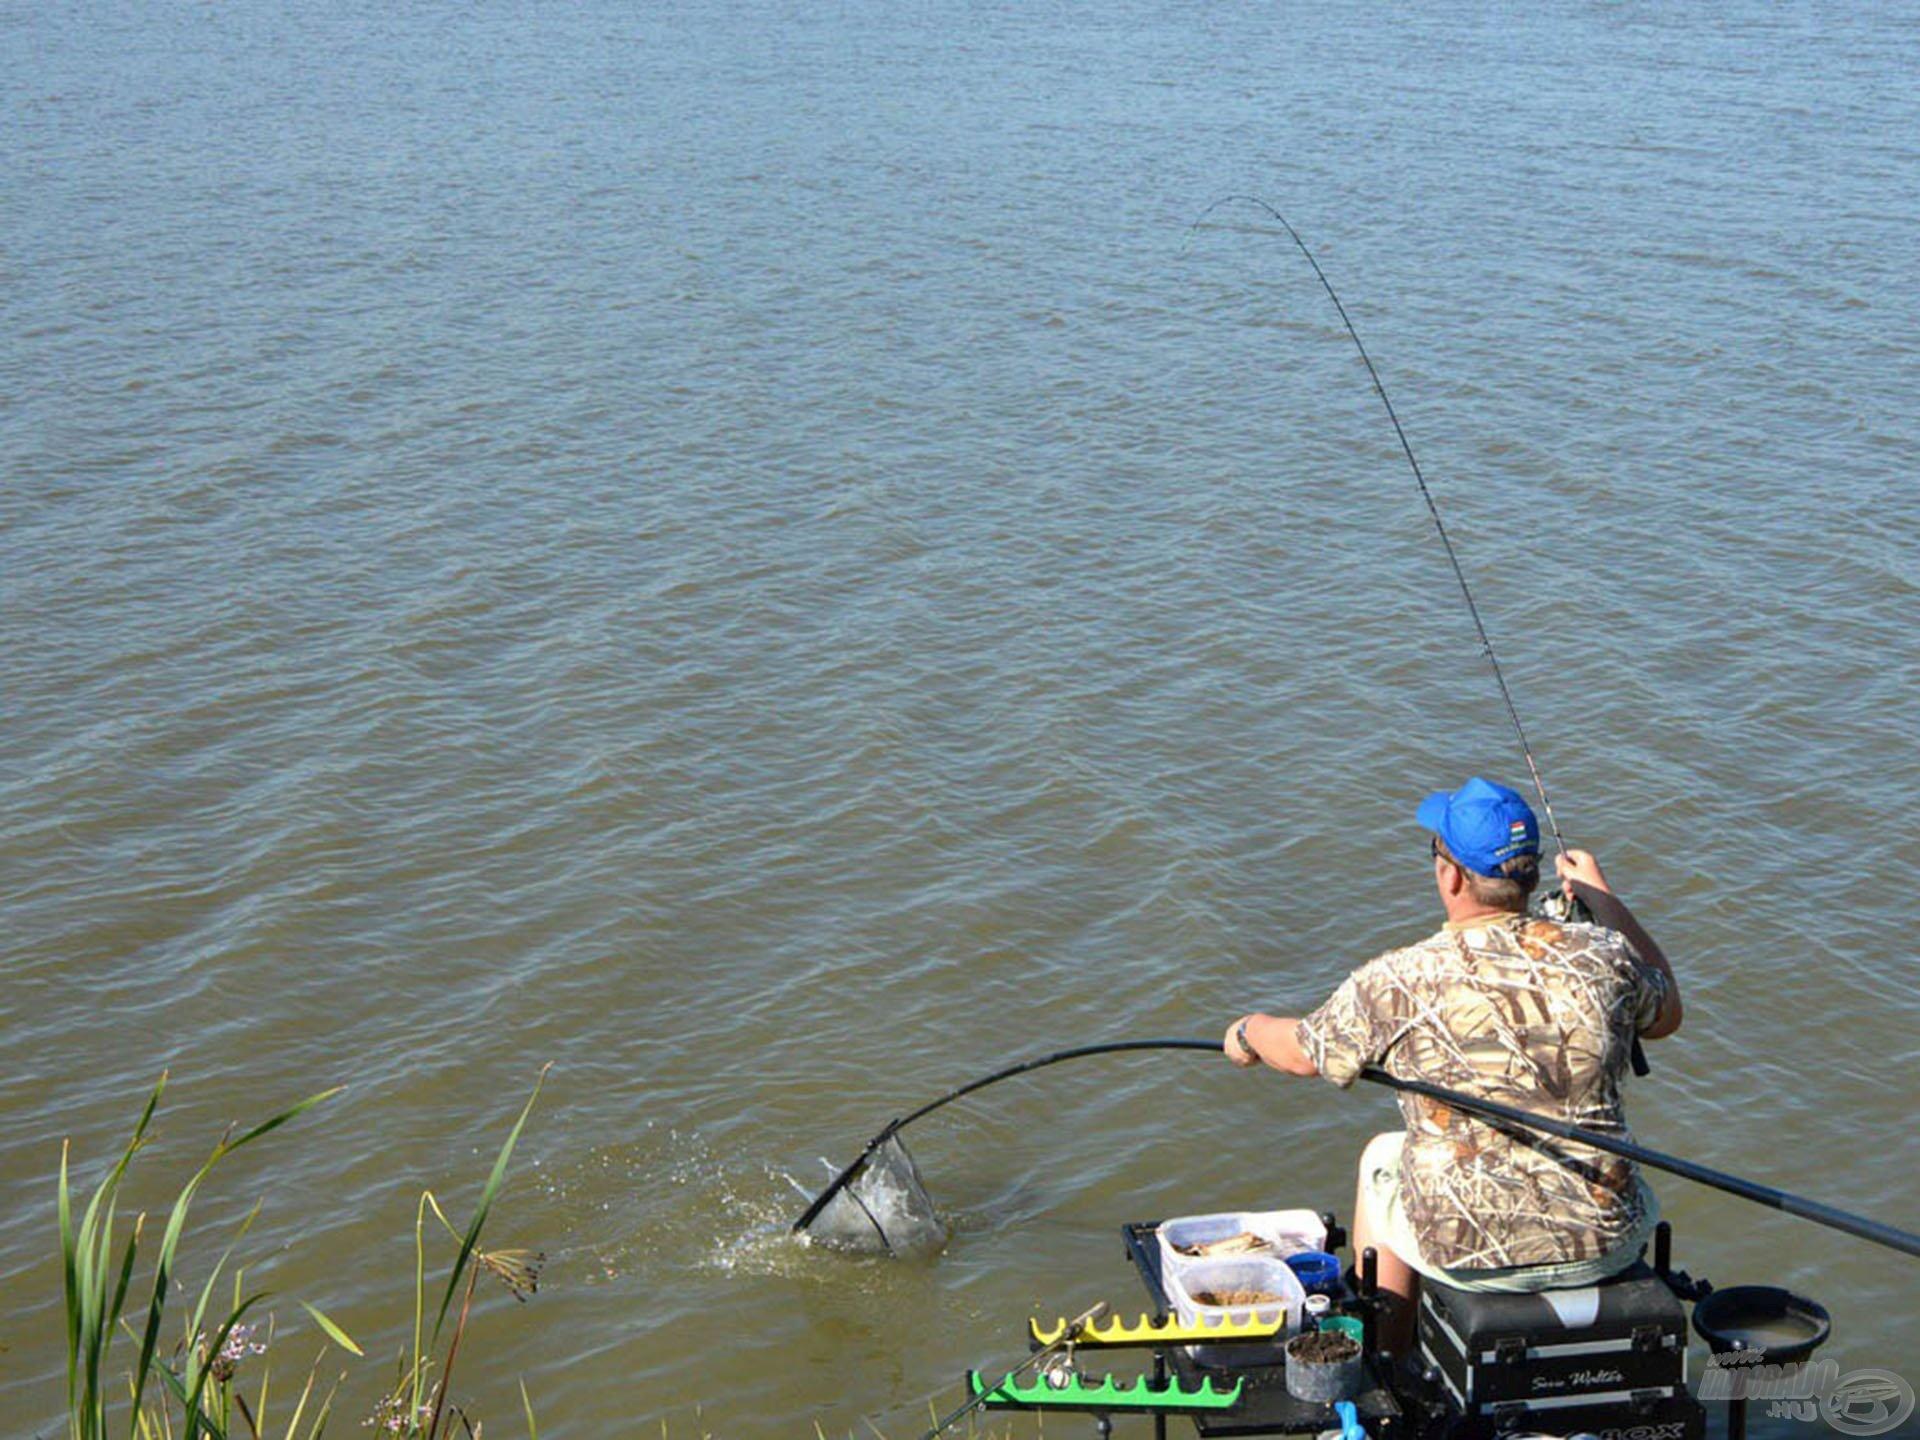 Ha kedveled a method feeder horgászatot, itt a helyed!